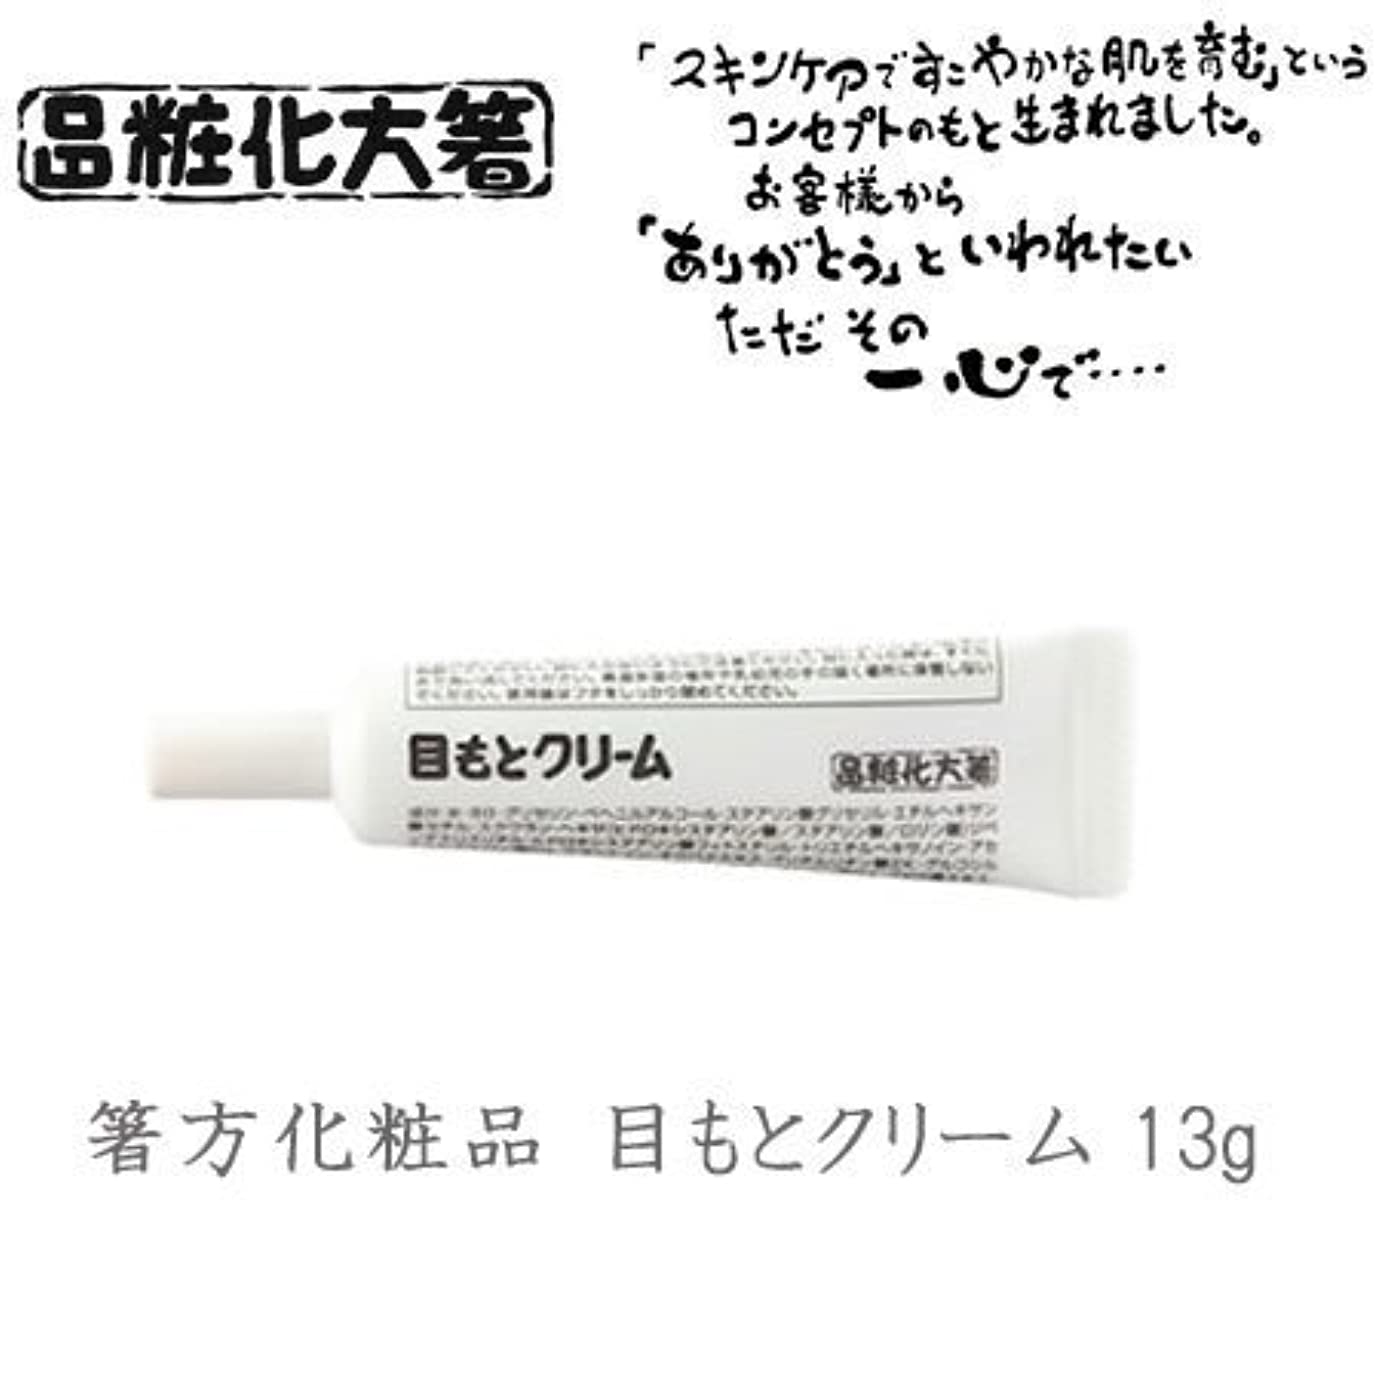 蒸し器合体花火箸方化粧品 目もとクリーム 13g はしかた化粧品